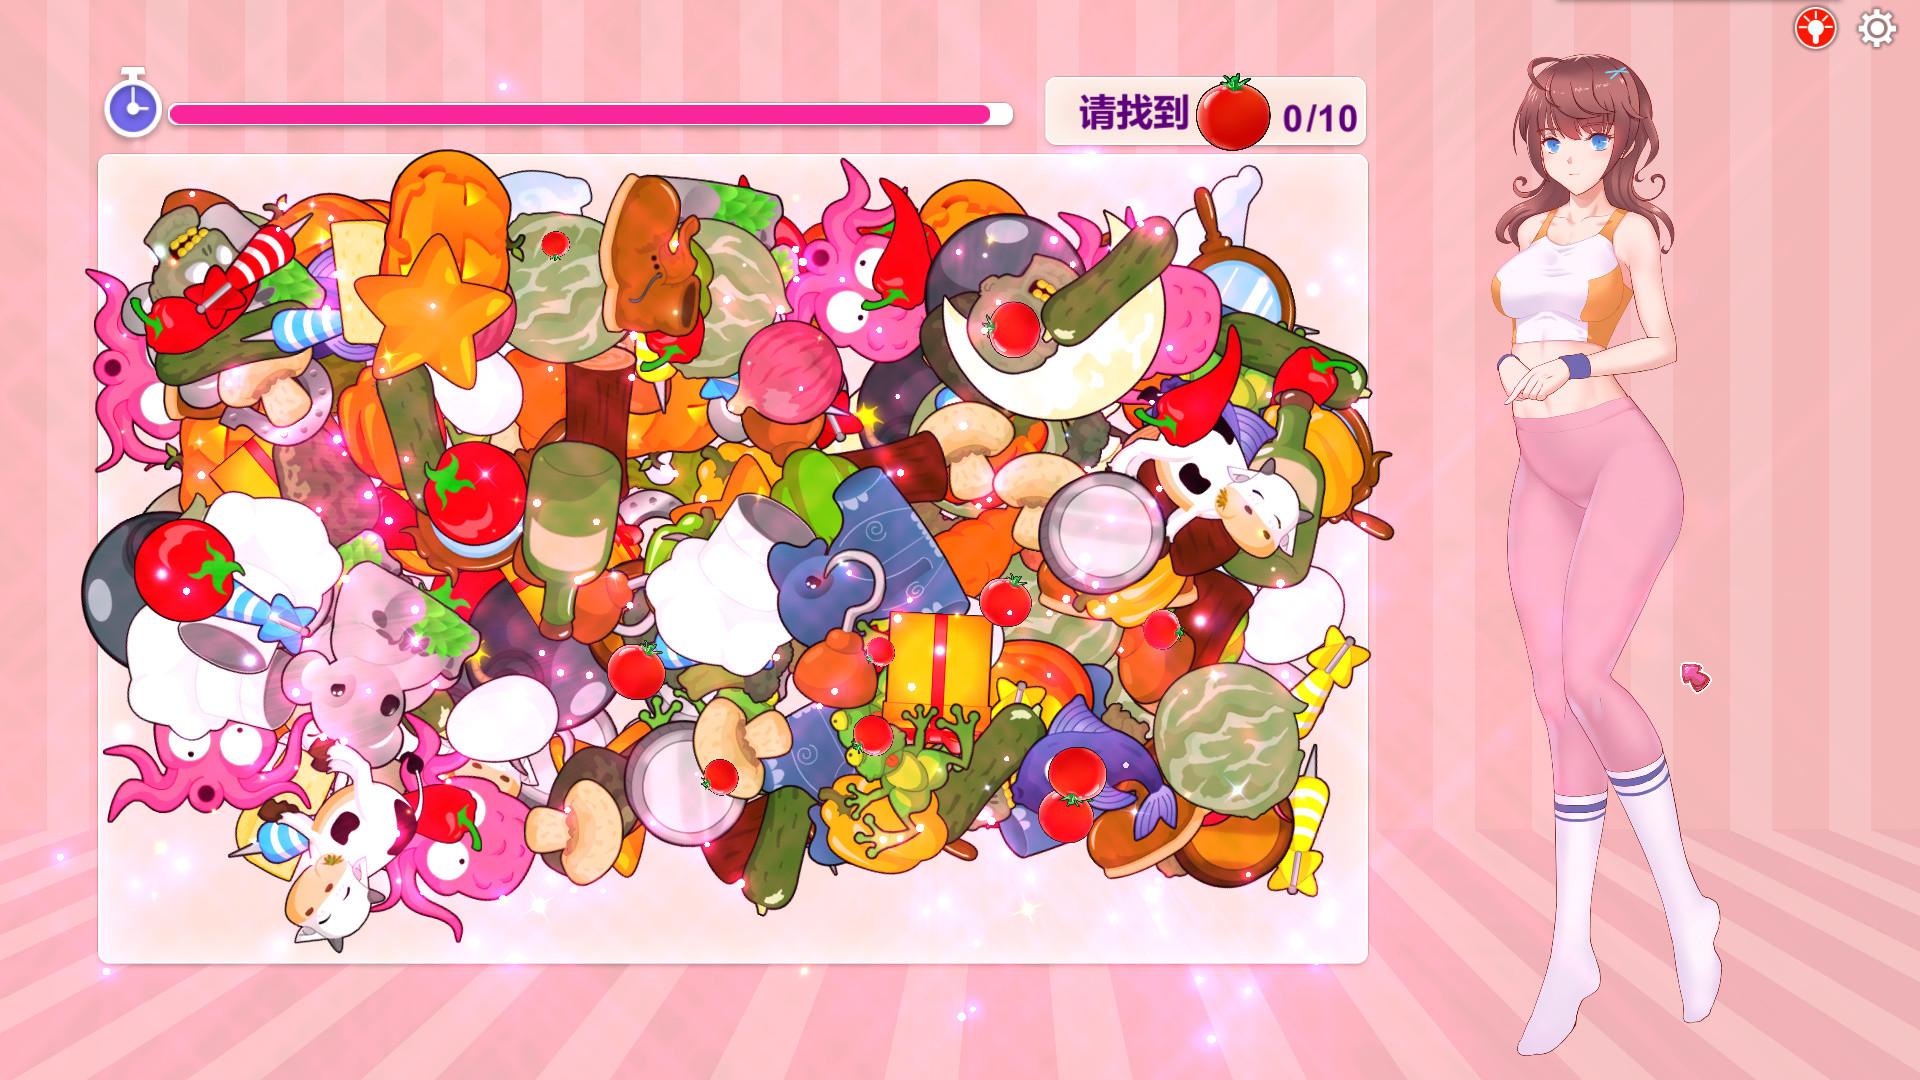 甜蜜消消屋-V2.6-(官中)-百度云盘插图3